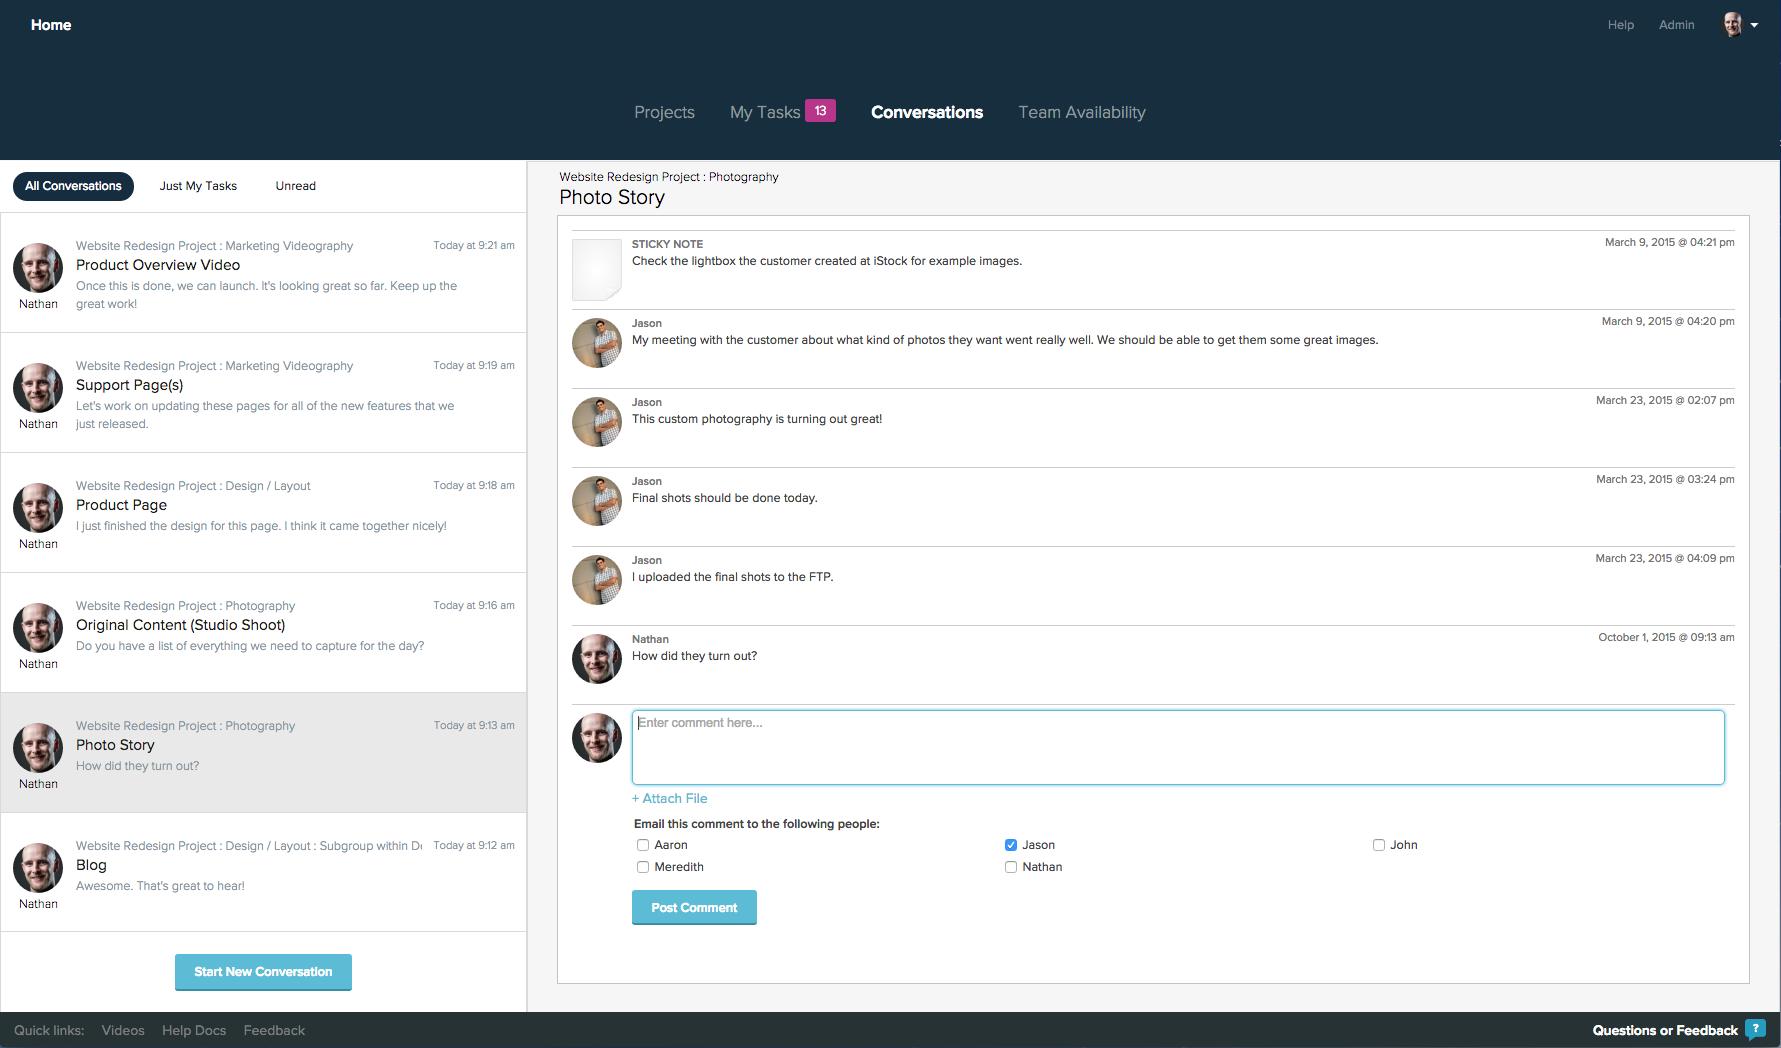 Project Management Conversations